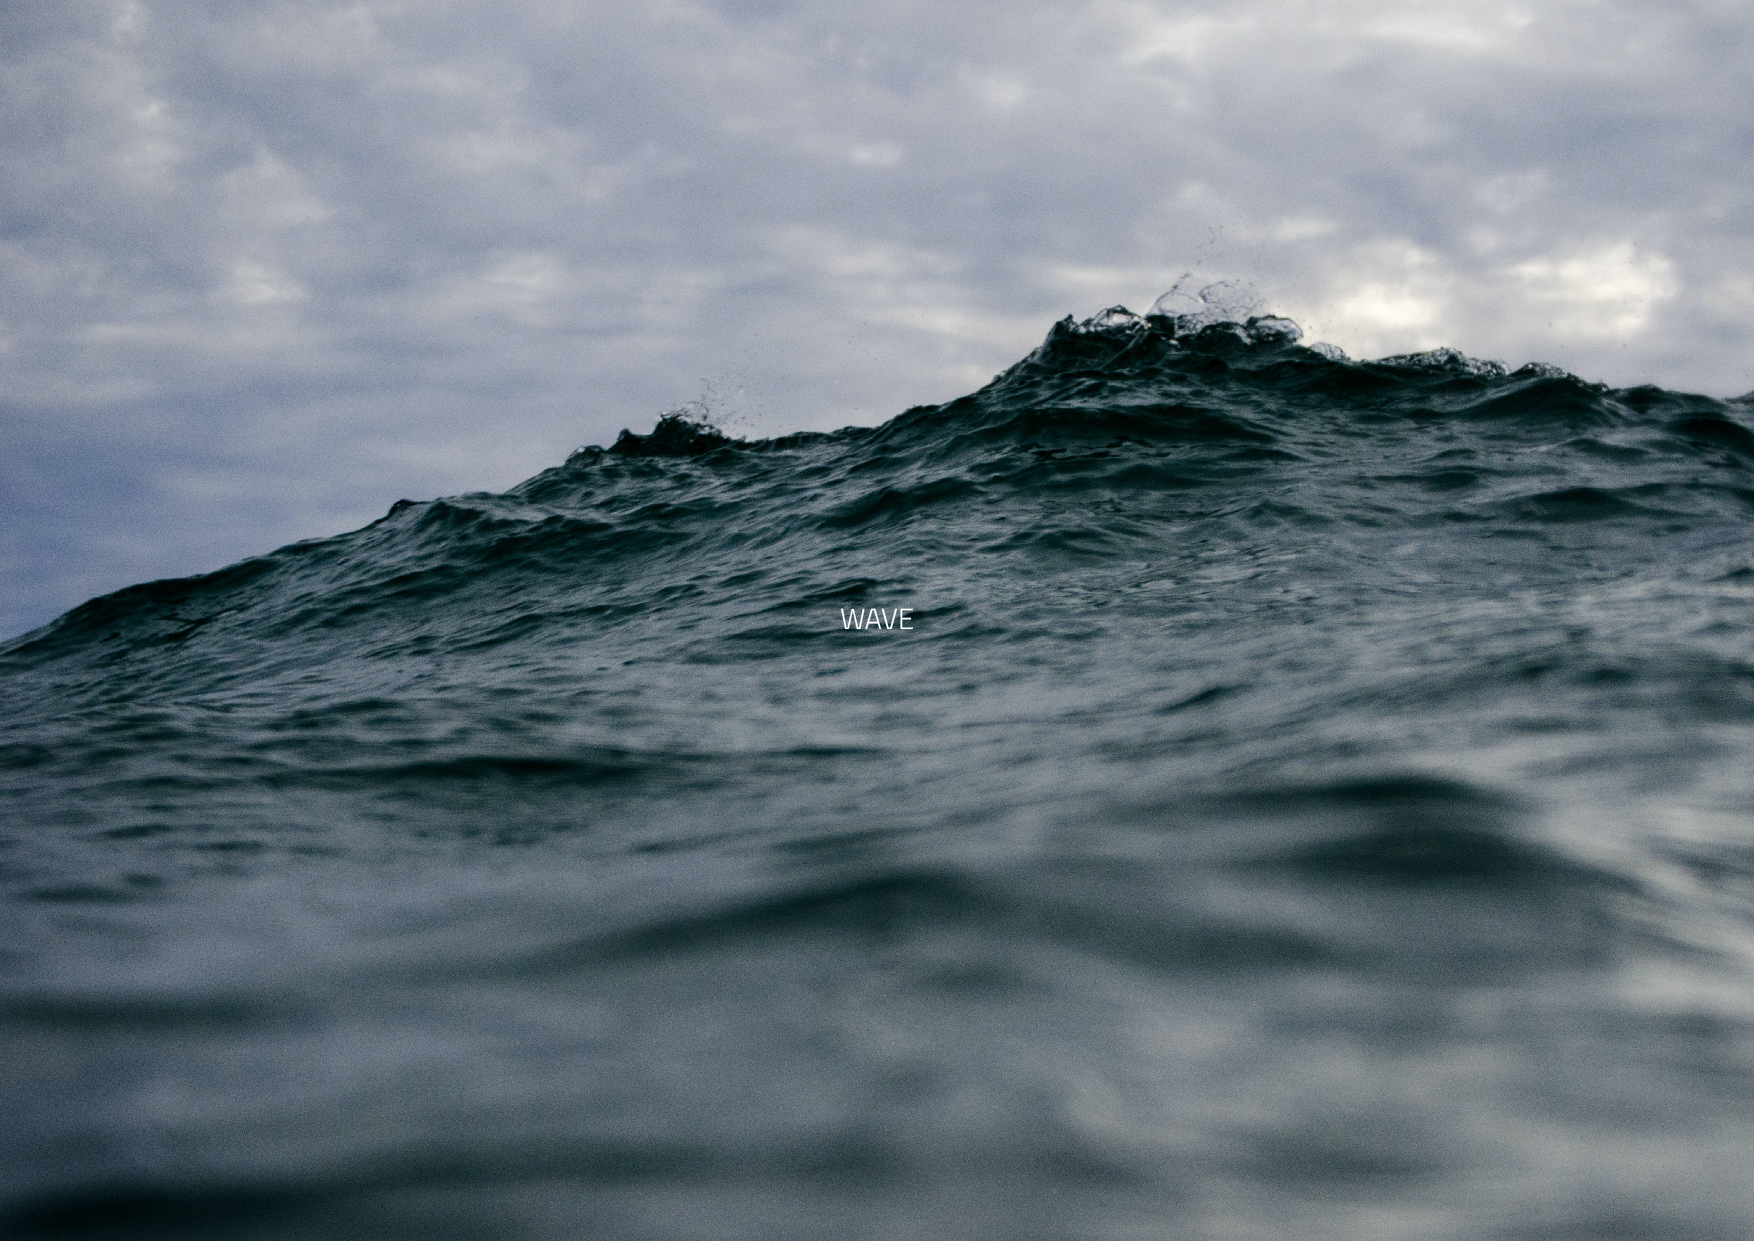 Seawave marittime. Manuarino architettura, design, comunicazione